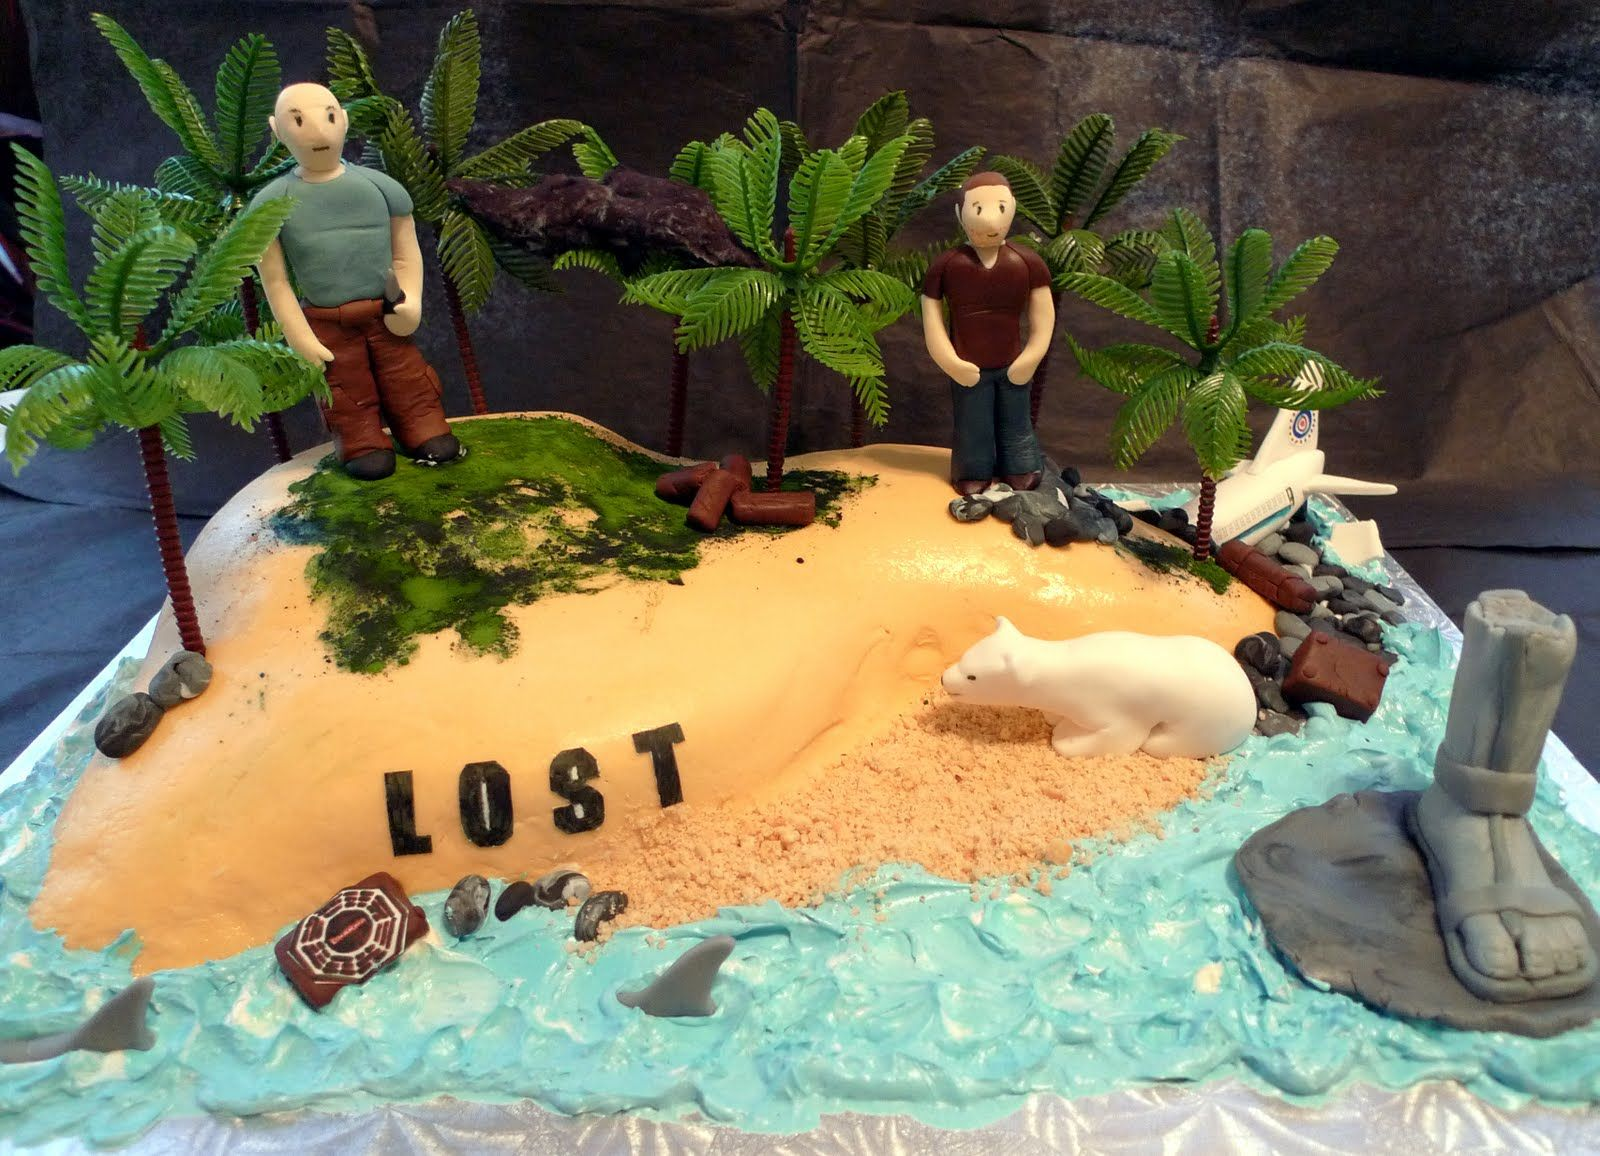 Cake Recipes Destiny 2: Cakebee: Destiny Calls For A LOST Cake...